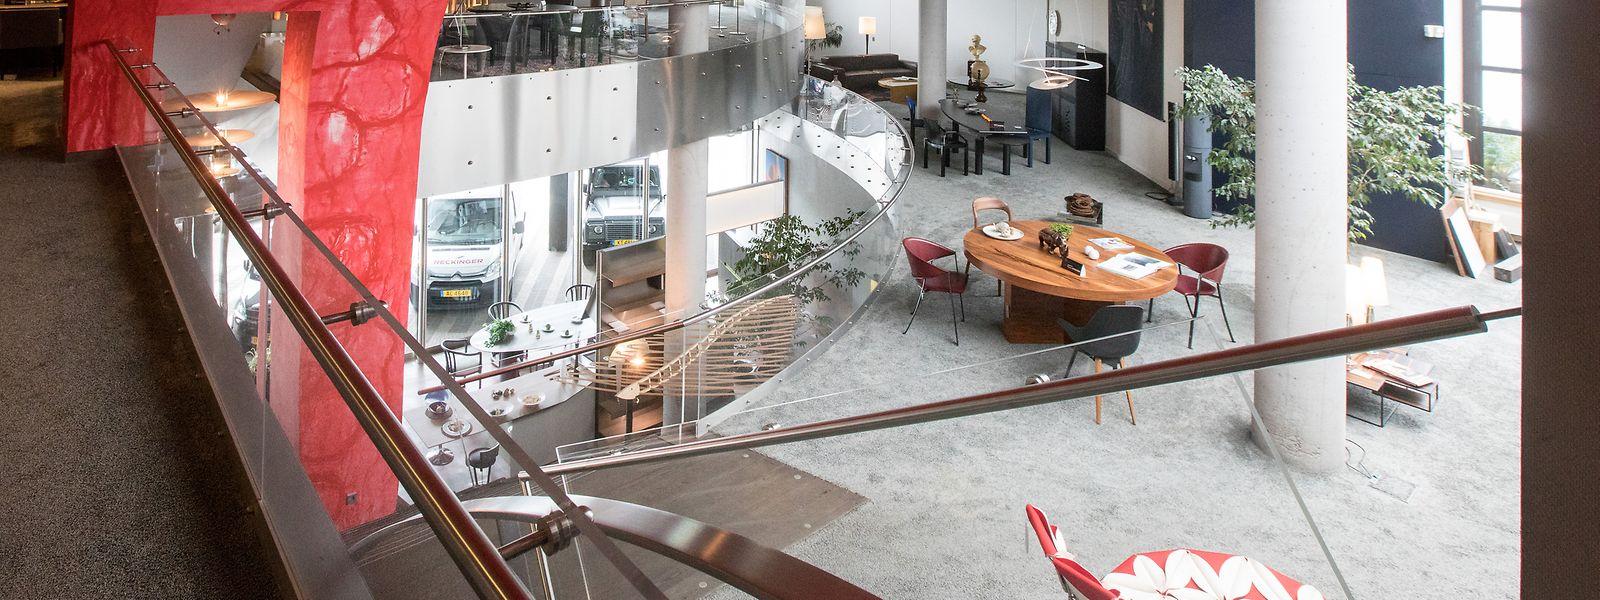 L'Espace Lavandier va se transformer en Konschthal entièrement dédiée à l'art contemporain.